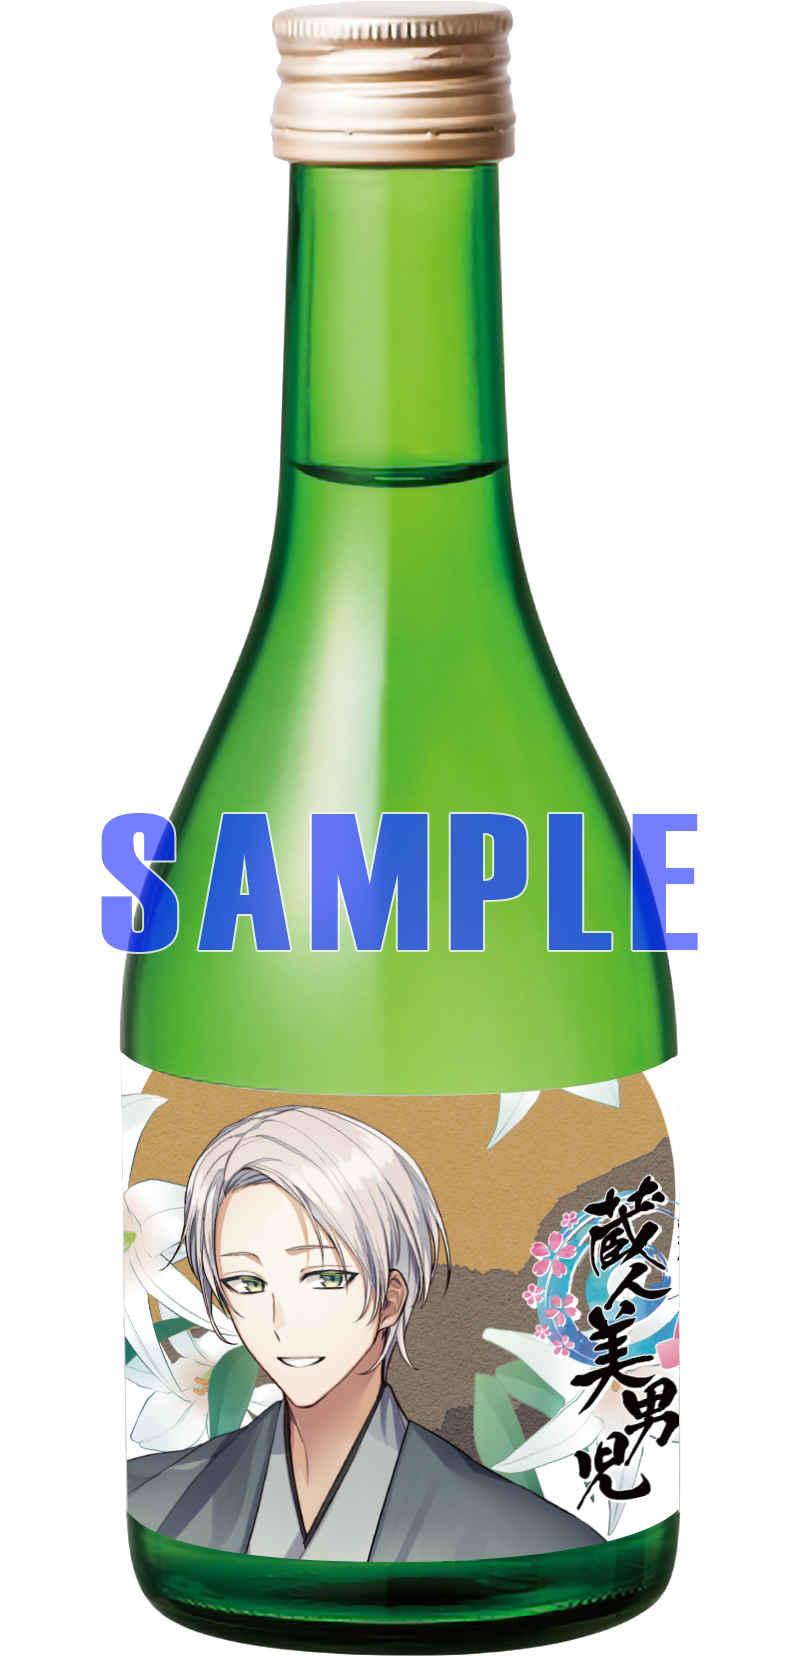 「蔵人美男児」三枝綴(絵 煮たか)清夜(純米酒)300ml [ツクルノモリ株式会社(煮たか)] オリジナル